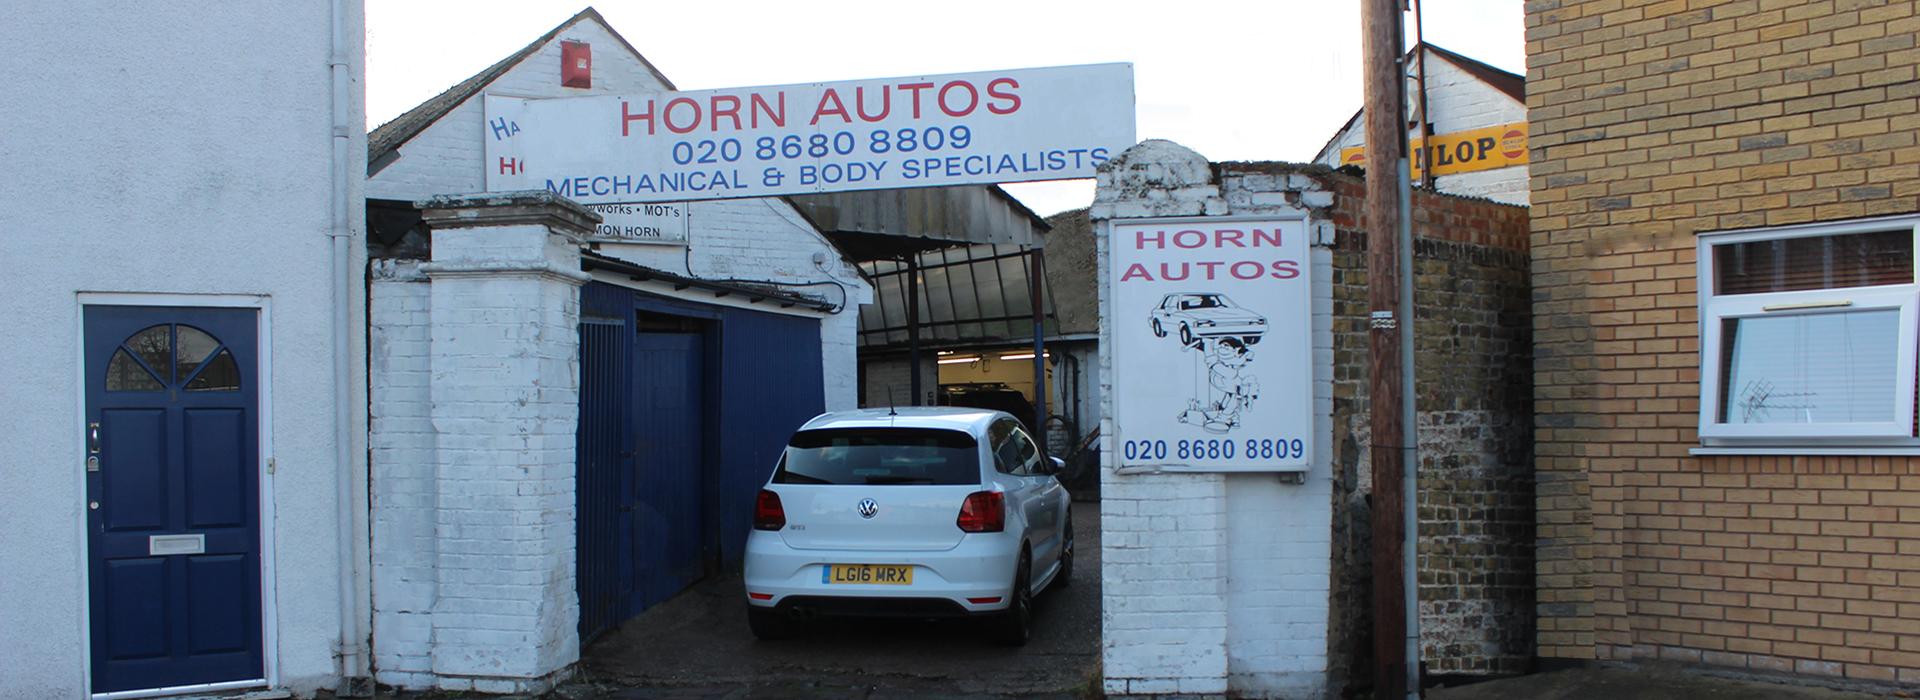 Horn Autos